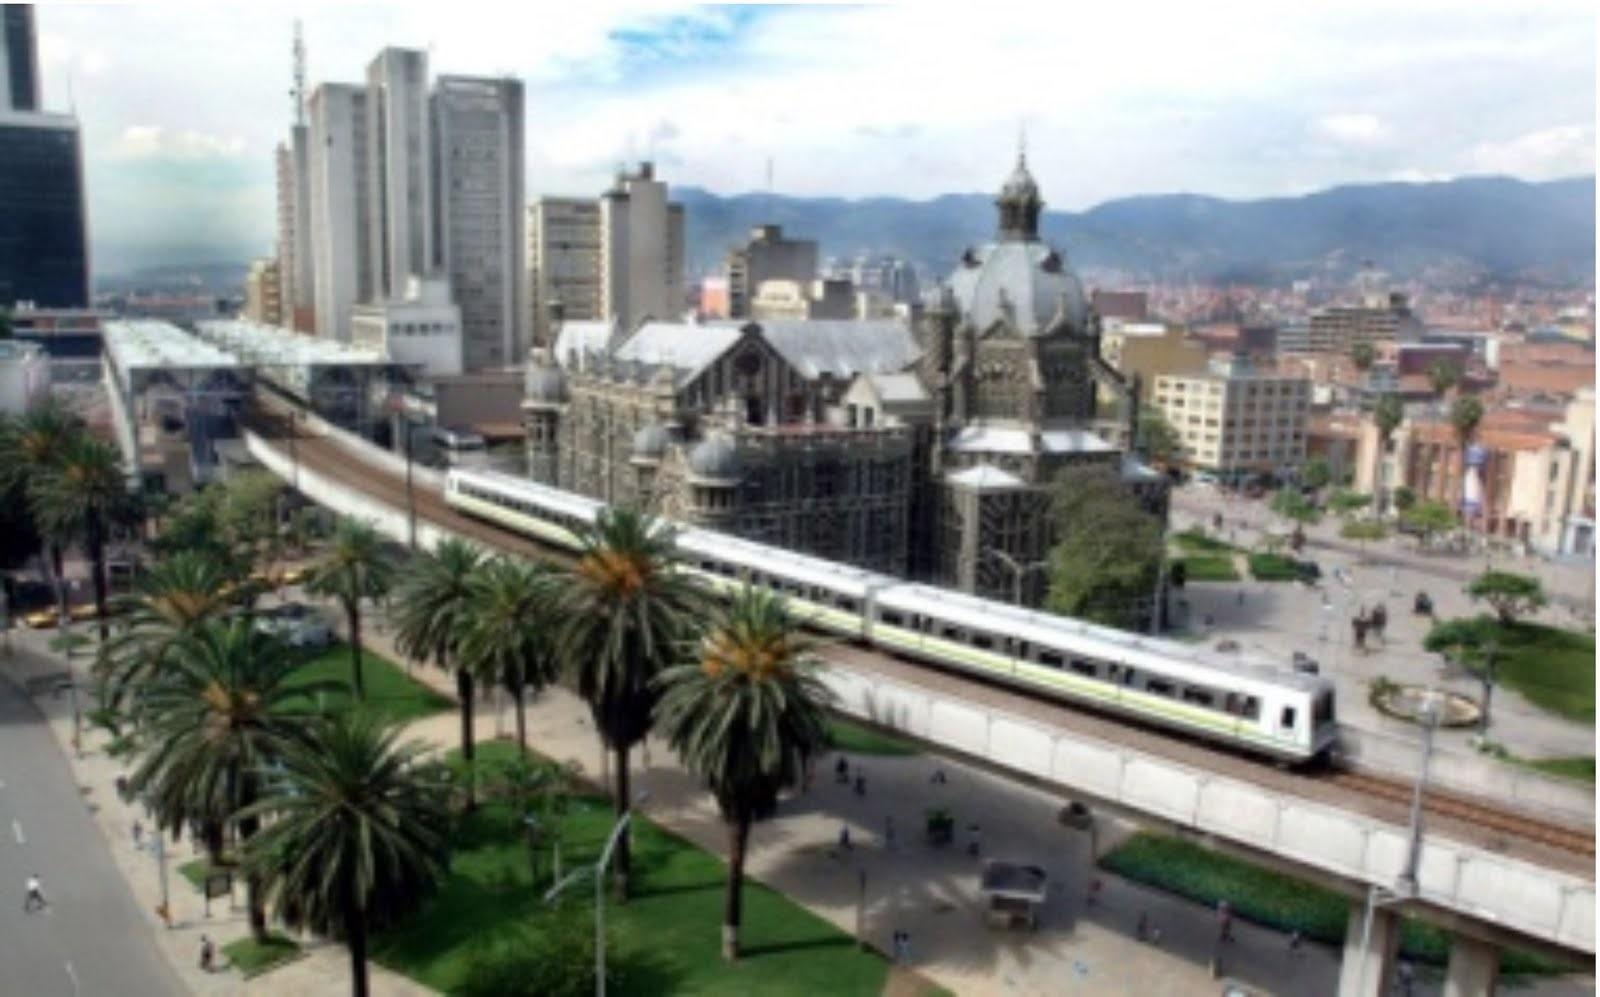 PANPB005 Panoramica Metro Medellin Cortesía de Medellin.travel Greater Medellin Bureau.jpg